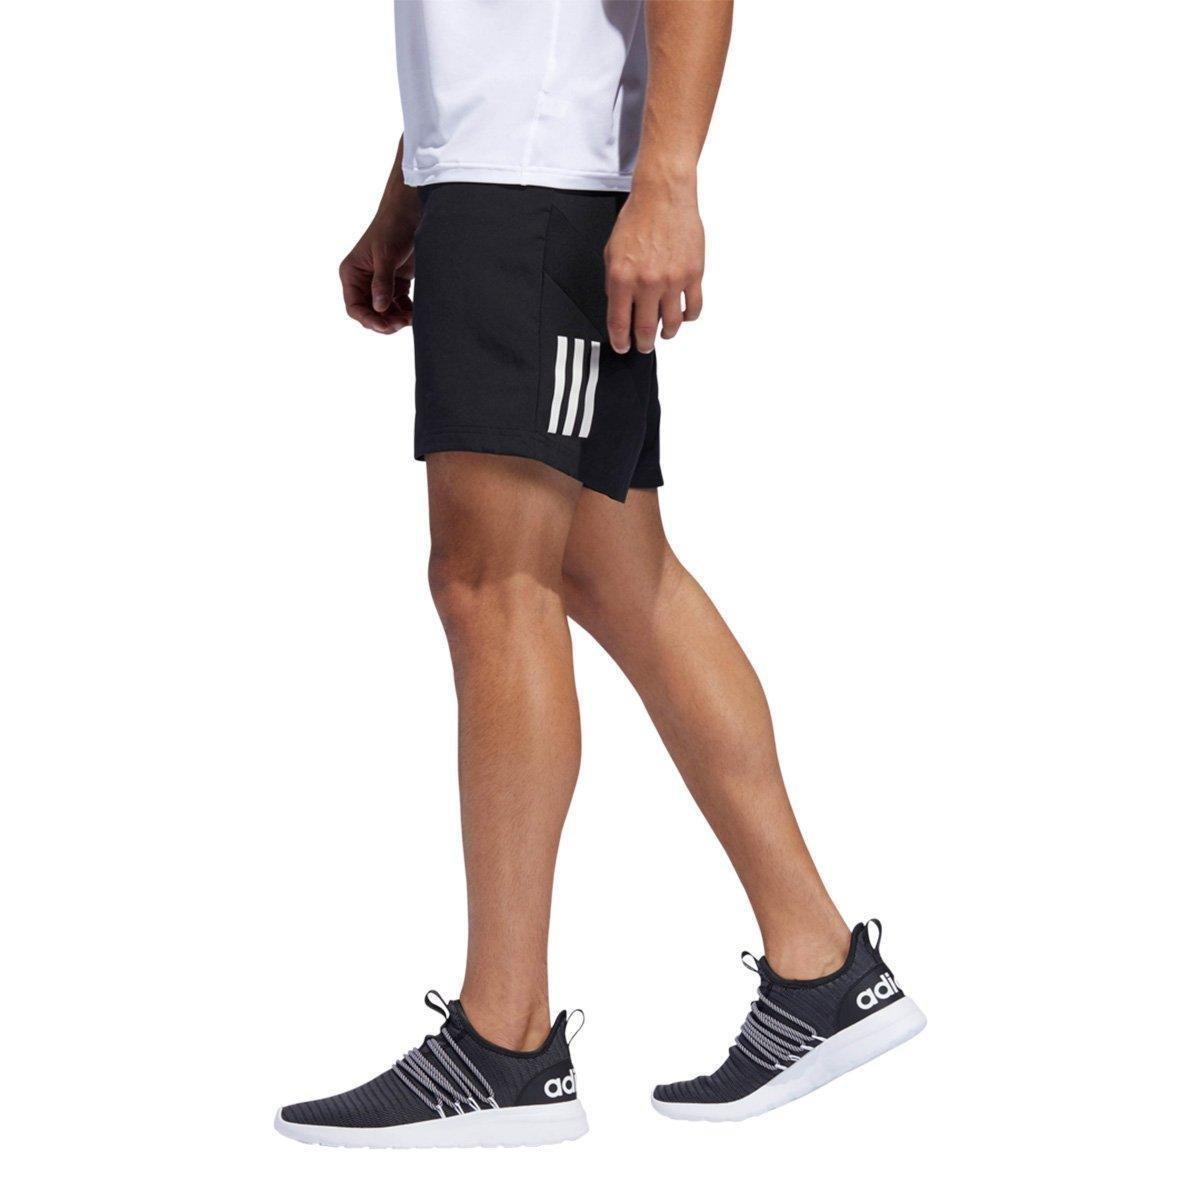 Short Adidas Own The Run Masculino - Tam: P - 2